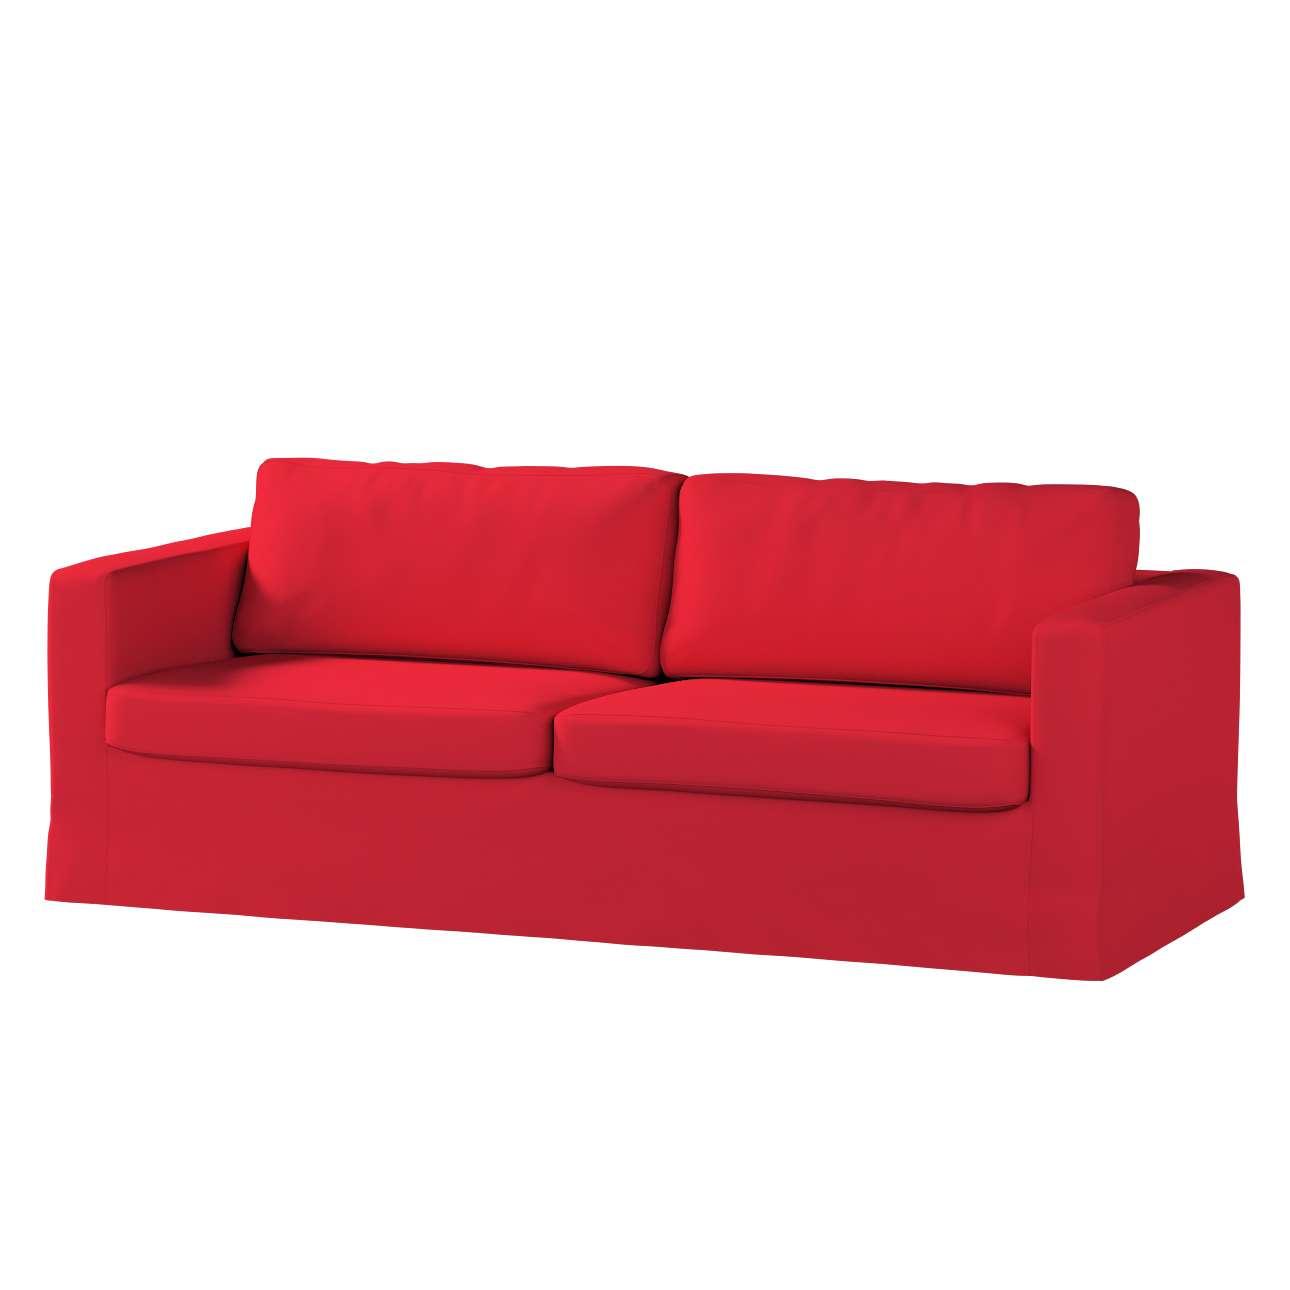 Karlstad trivietės sofos užvalkalas (ilgas, iki žemės) Karlstad trivietės sofos užvalkalas (ilgas, iki žemės) kolekcijoje Cotton Panama, audinys: 702-04